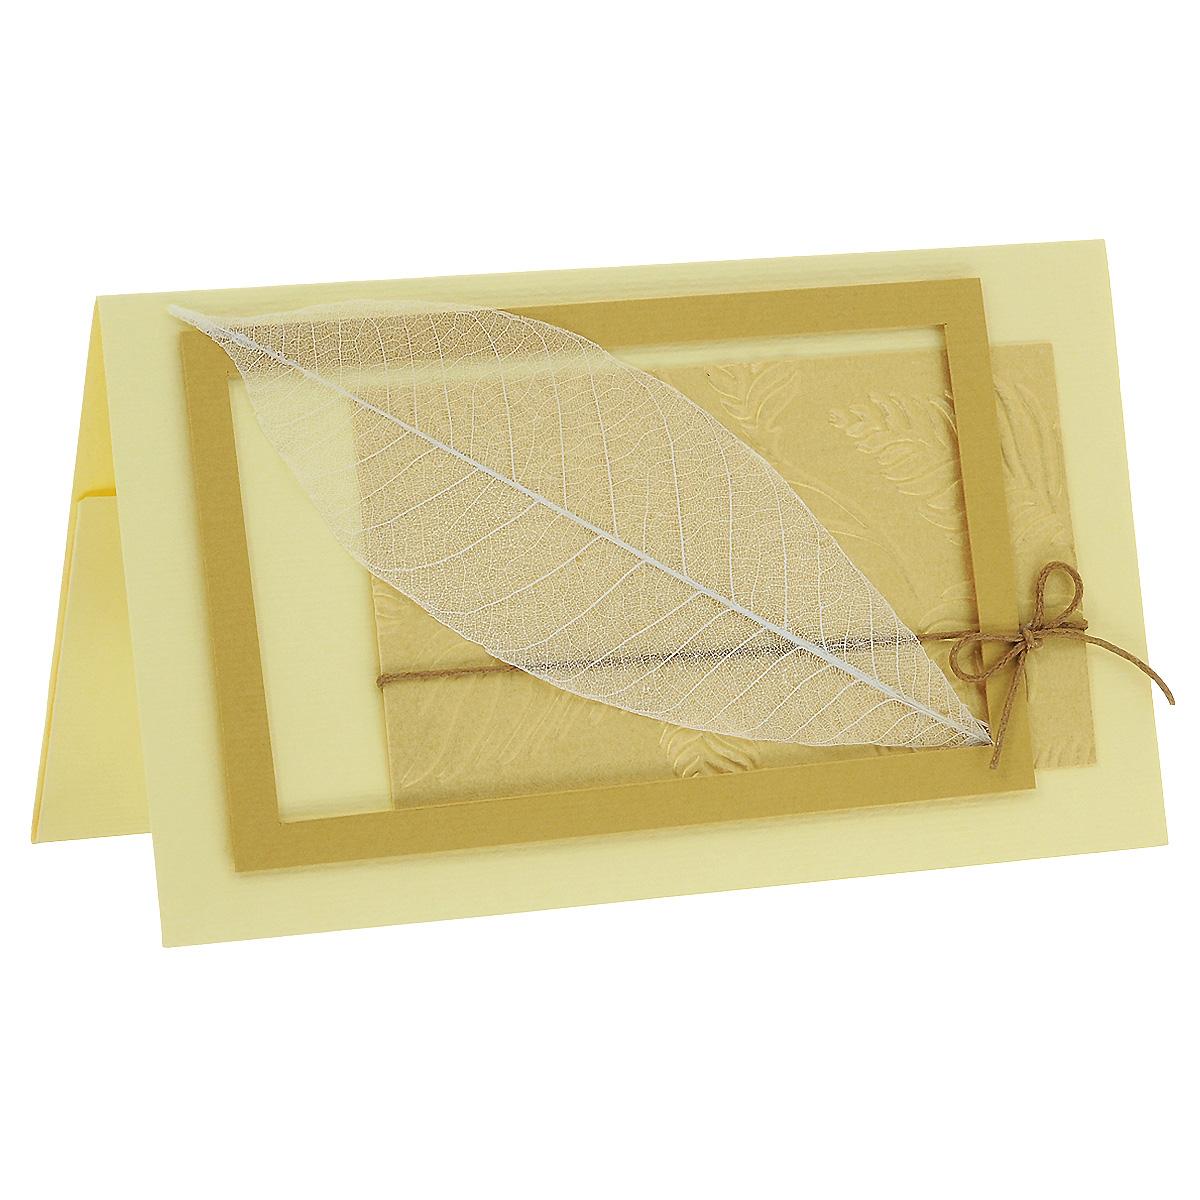 ОРАЗ-0006 Открытка-конверт (скелетированный лист). Студия «Тётя Роза»Винтажные открытки №97Характеристики: Размер 19 см x 11 см. Материал: Высоко-художественный картон, бумага, декор. Данная открытка может стать как прекрасным дополнением к вашему подарку, так и самостоятельным подарком. Так как открытка является и конвертом, в который вы можете вложить ваш денежный подарок или просто написать ваши пожелания на вкладыше. Природная чистота и выразительность сохранена в нежном ажуре скелетированного листа, помещенного в золотую рамочку на рельефном фоне. Бежево-золотая гамма открытки придает ей изысканное благородство. Также открытка упакована в пакетик для сохранности. Обращаем Ваше внимание на то, что открытка может незначительно отличаться от представленной на фото.